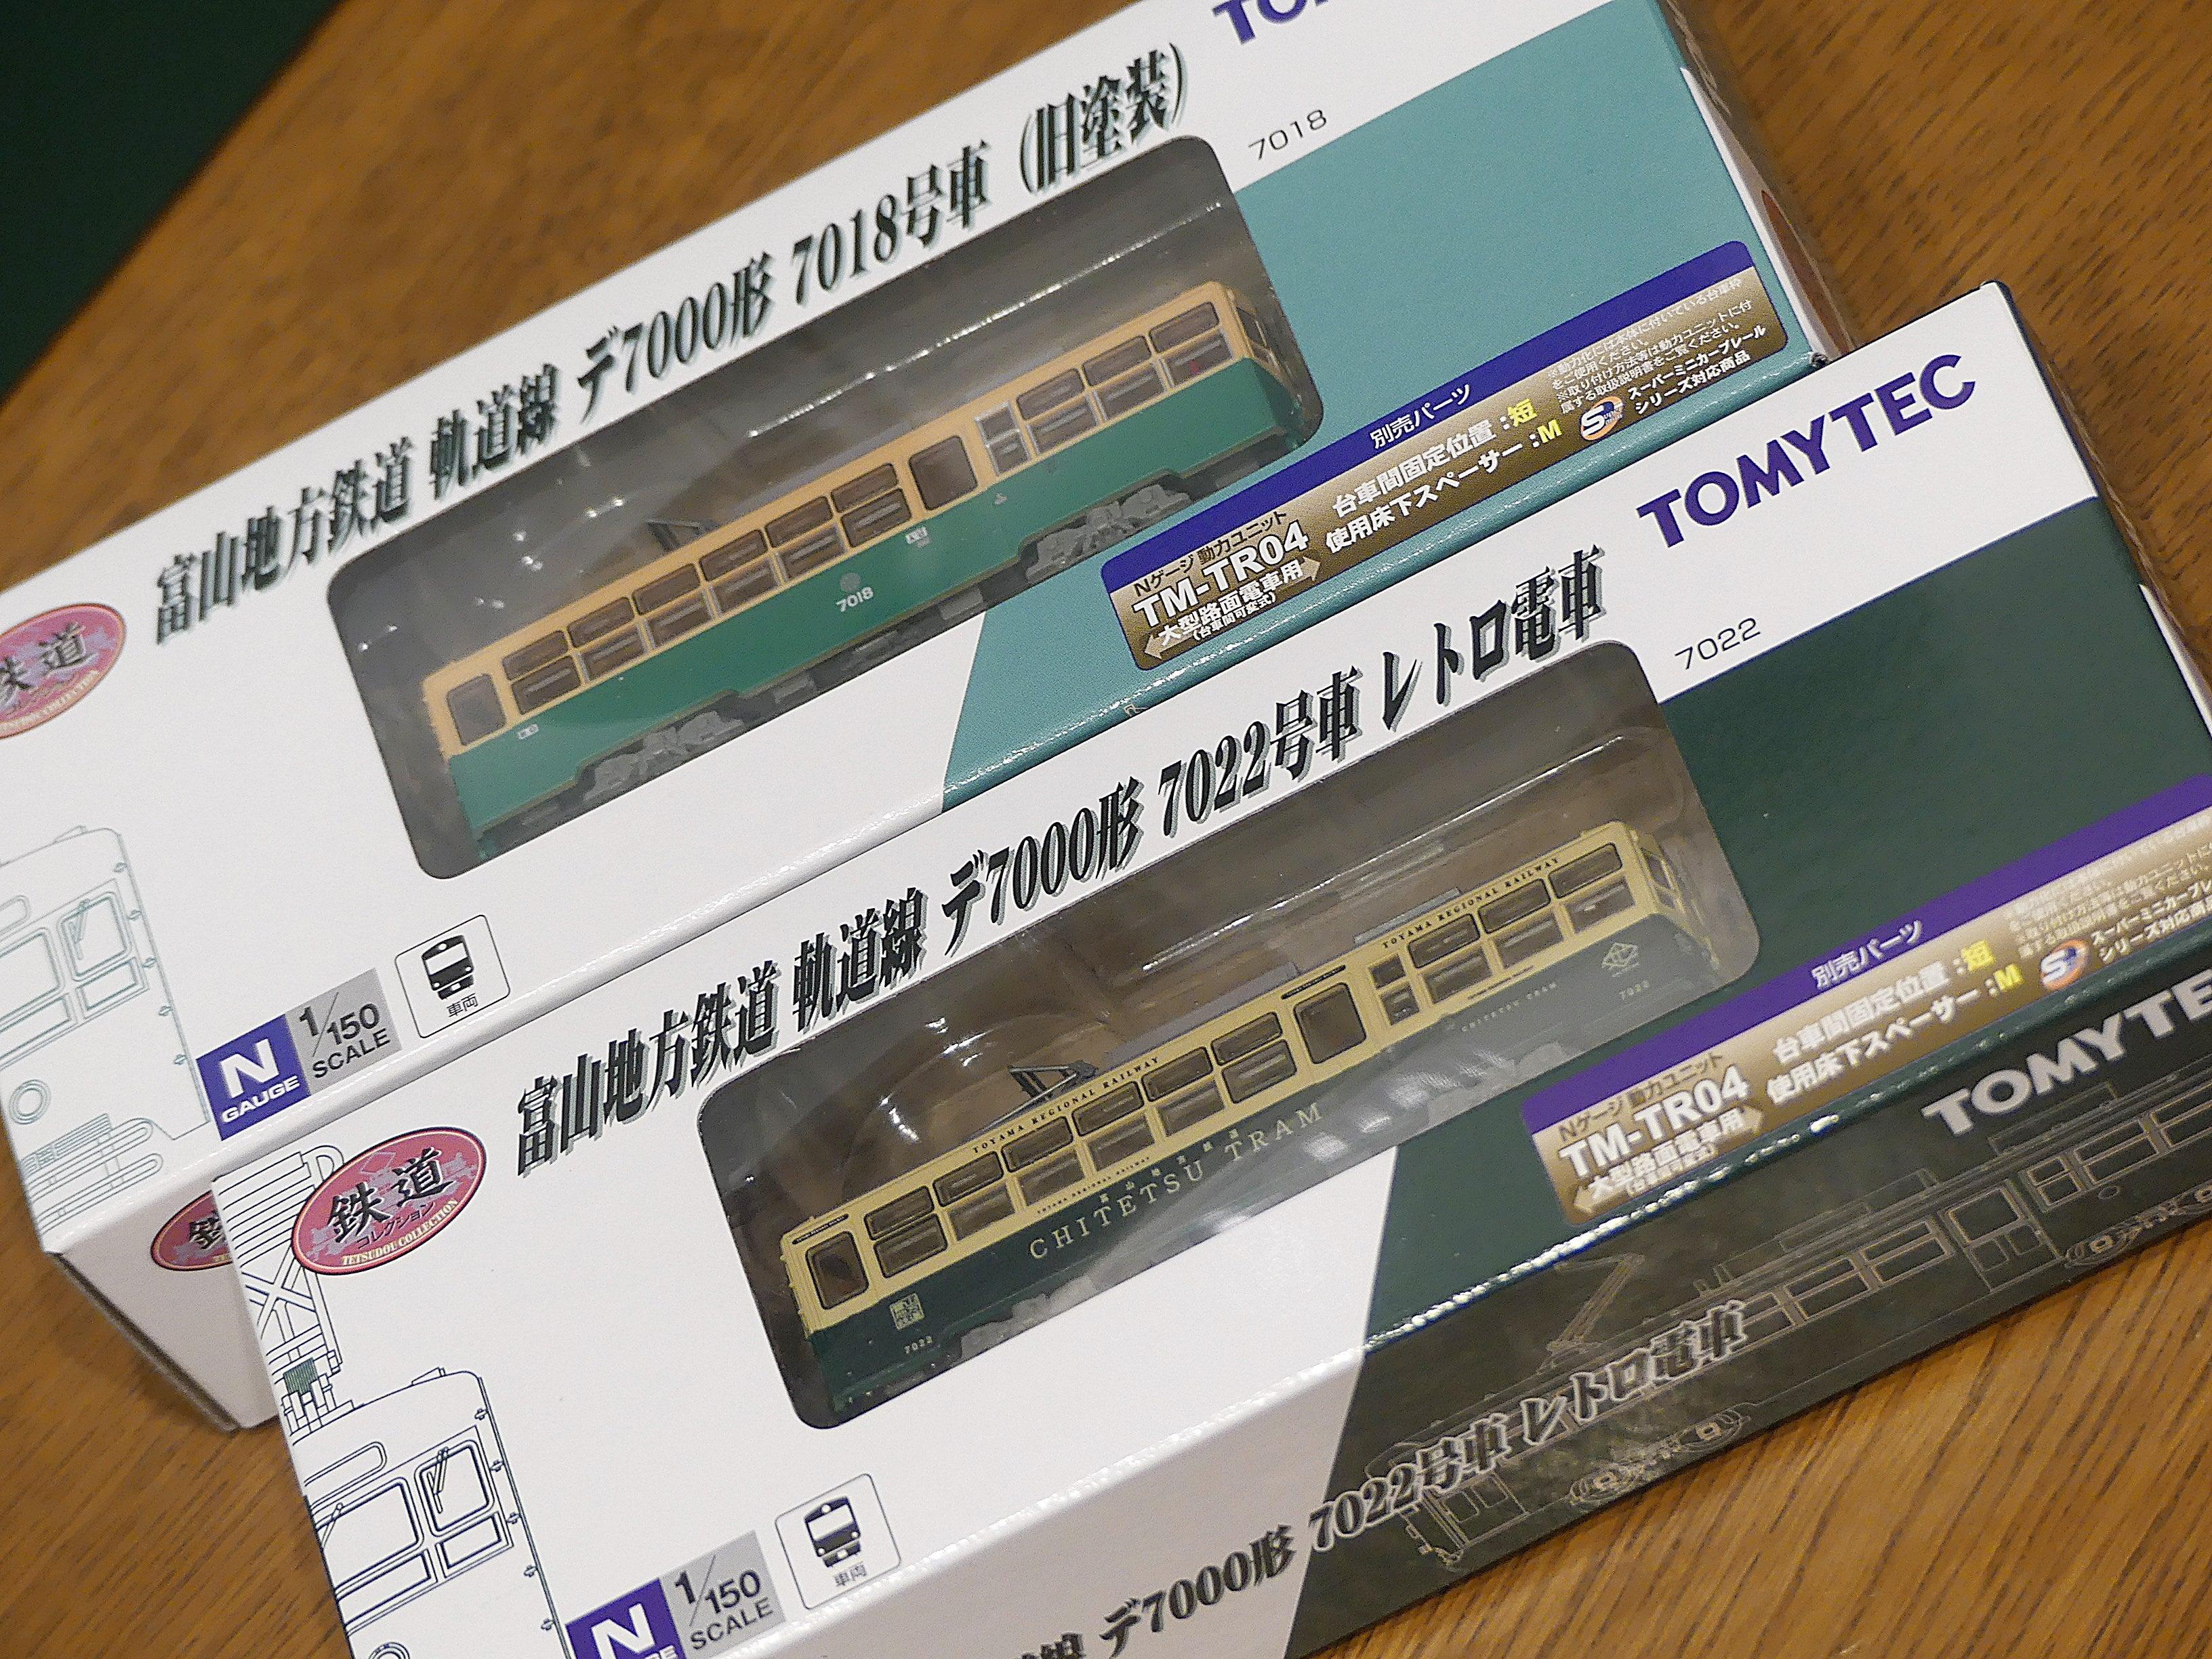 鉄道コレクション 富山地方鉄道軌道線 デ7000形 2種のレビュー的なもの ...